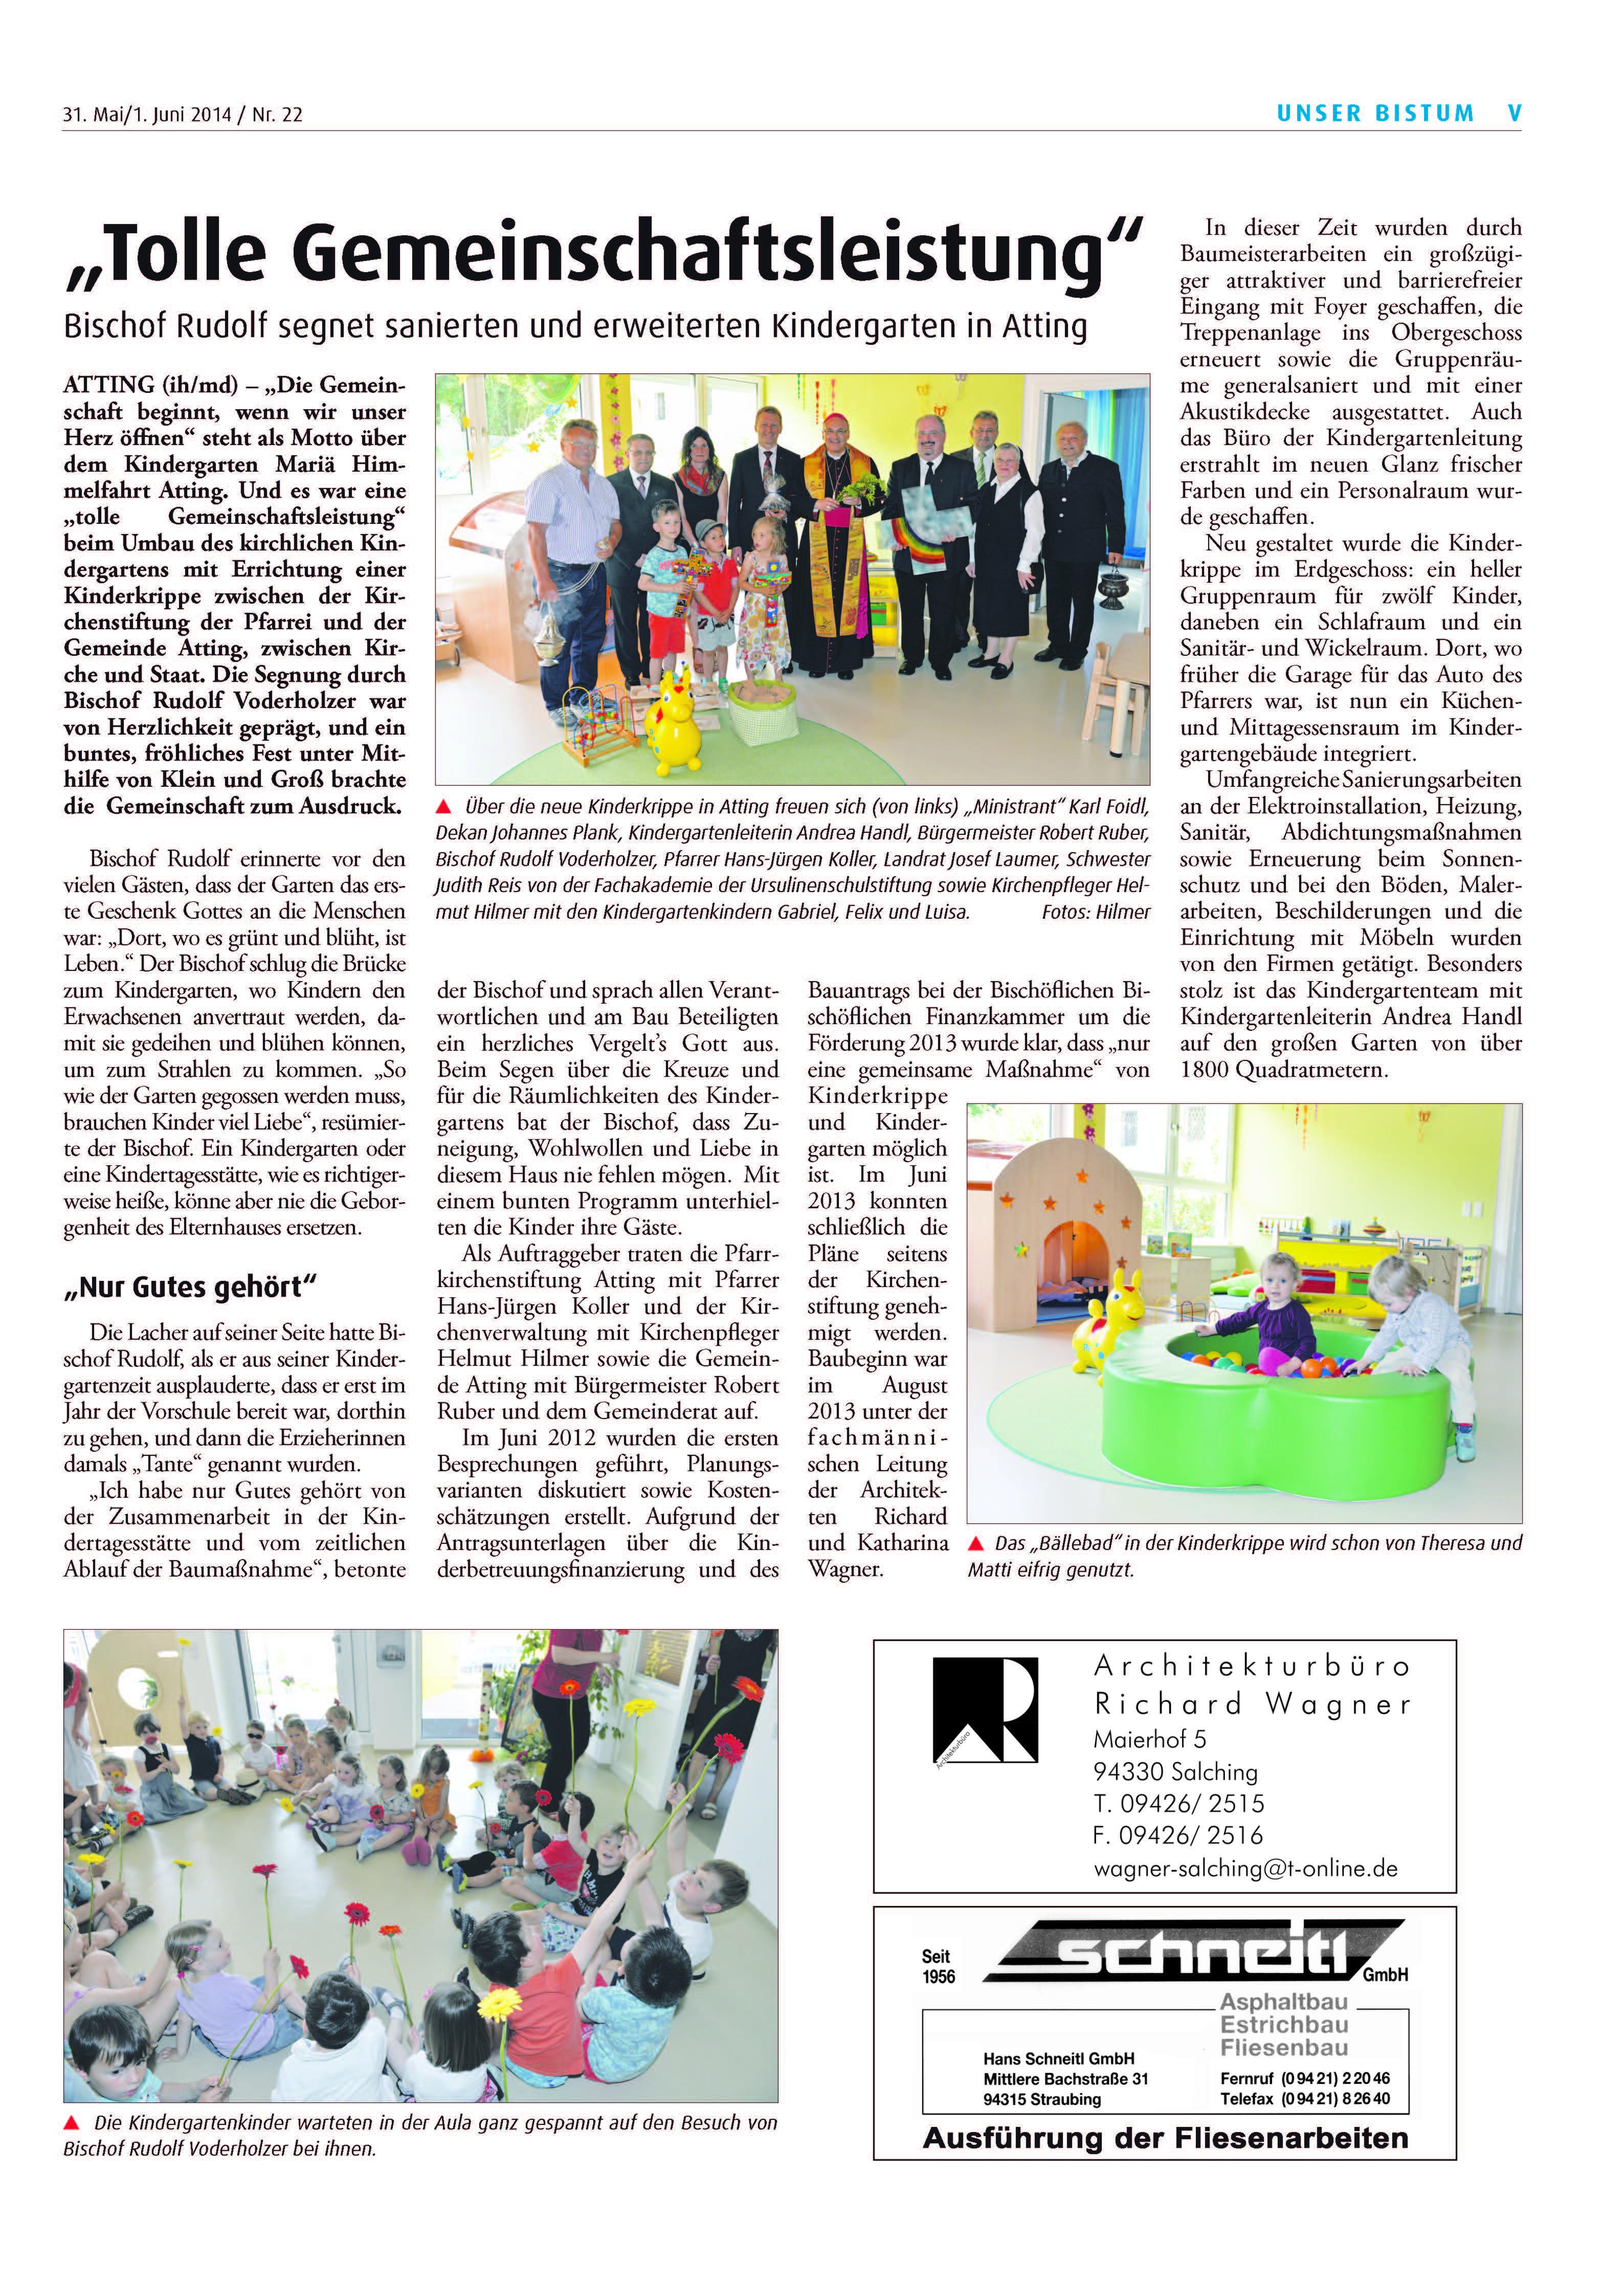 presseartikel_kindergarteneinweihung_kath_sonntagszeitung_bistum_regensburg